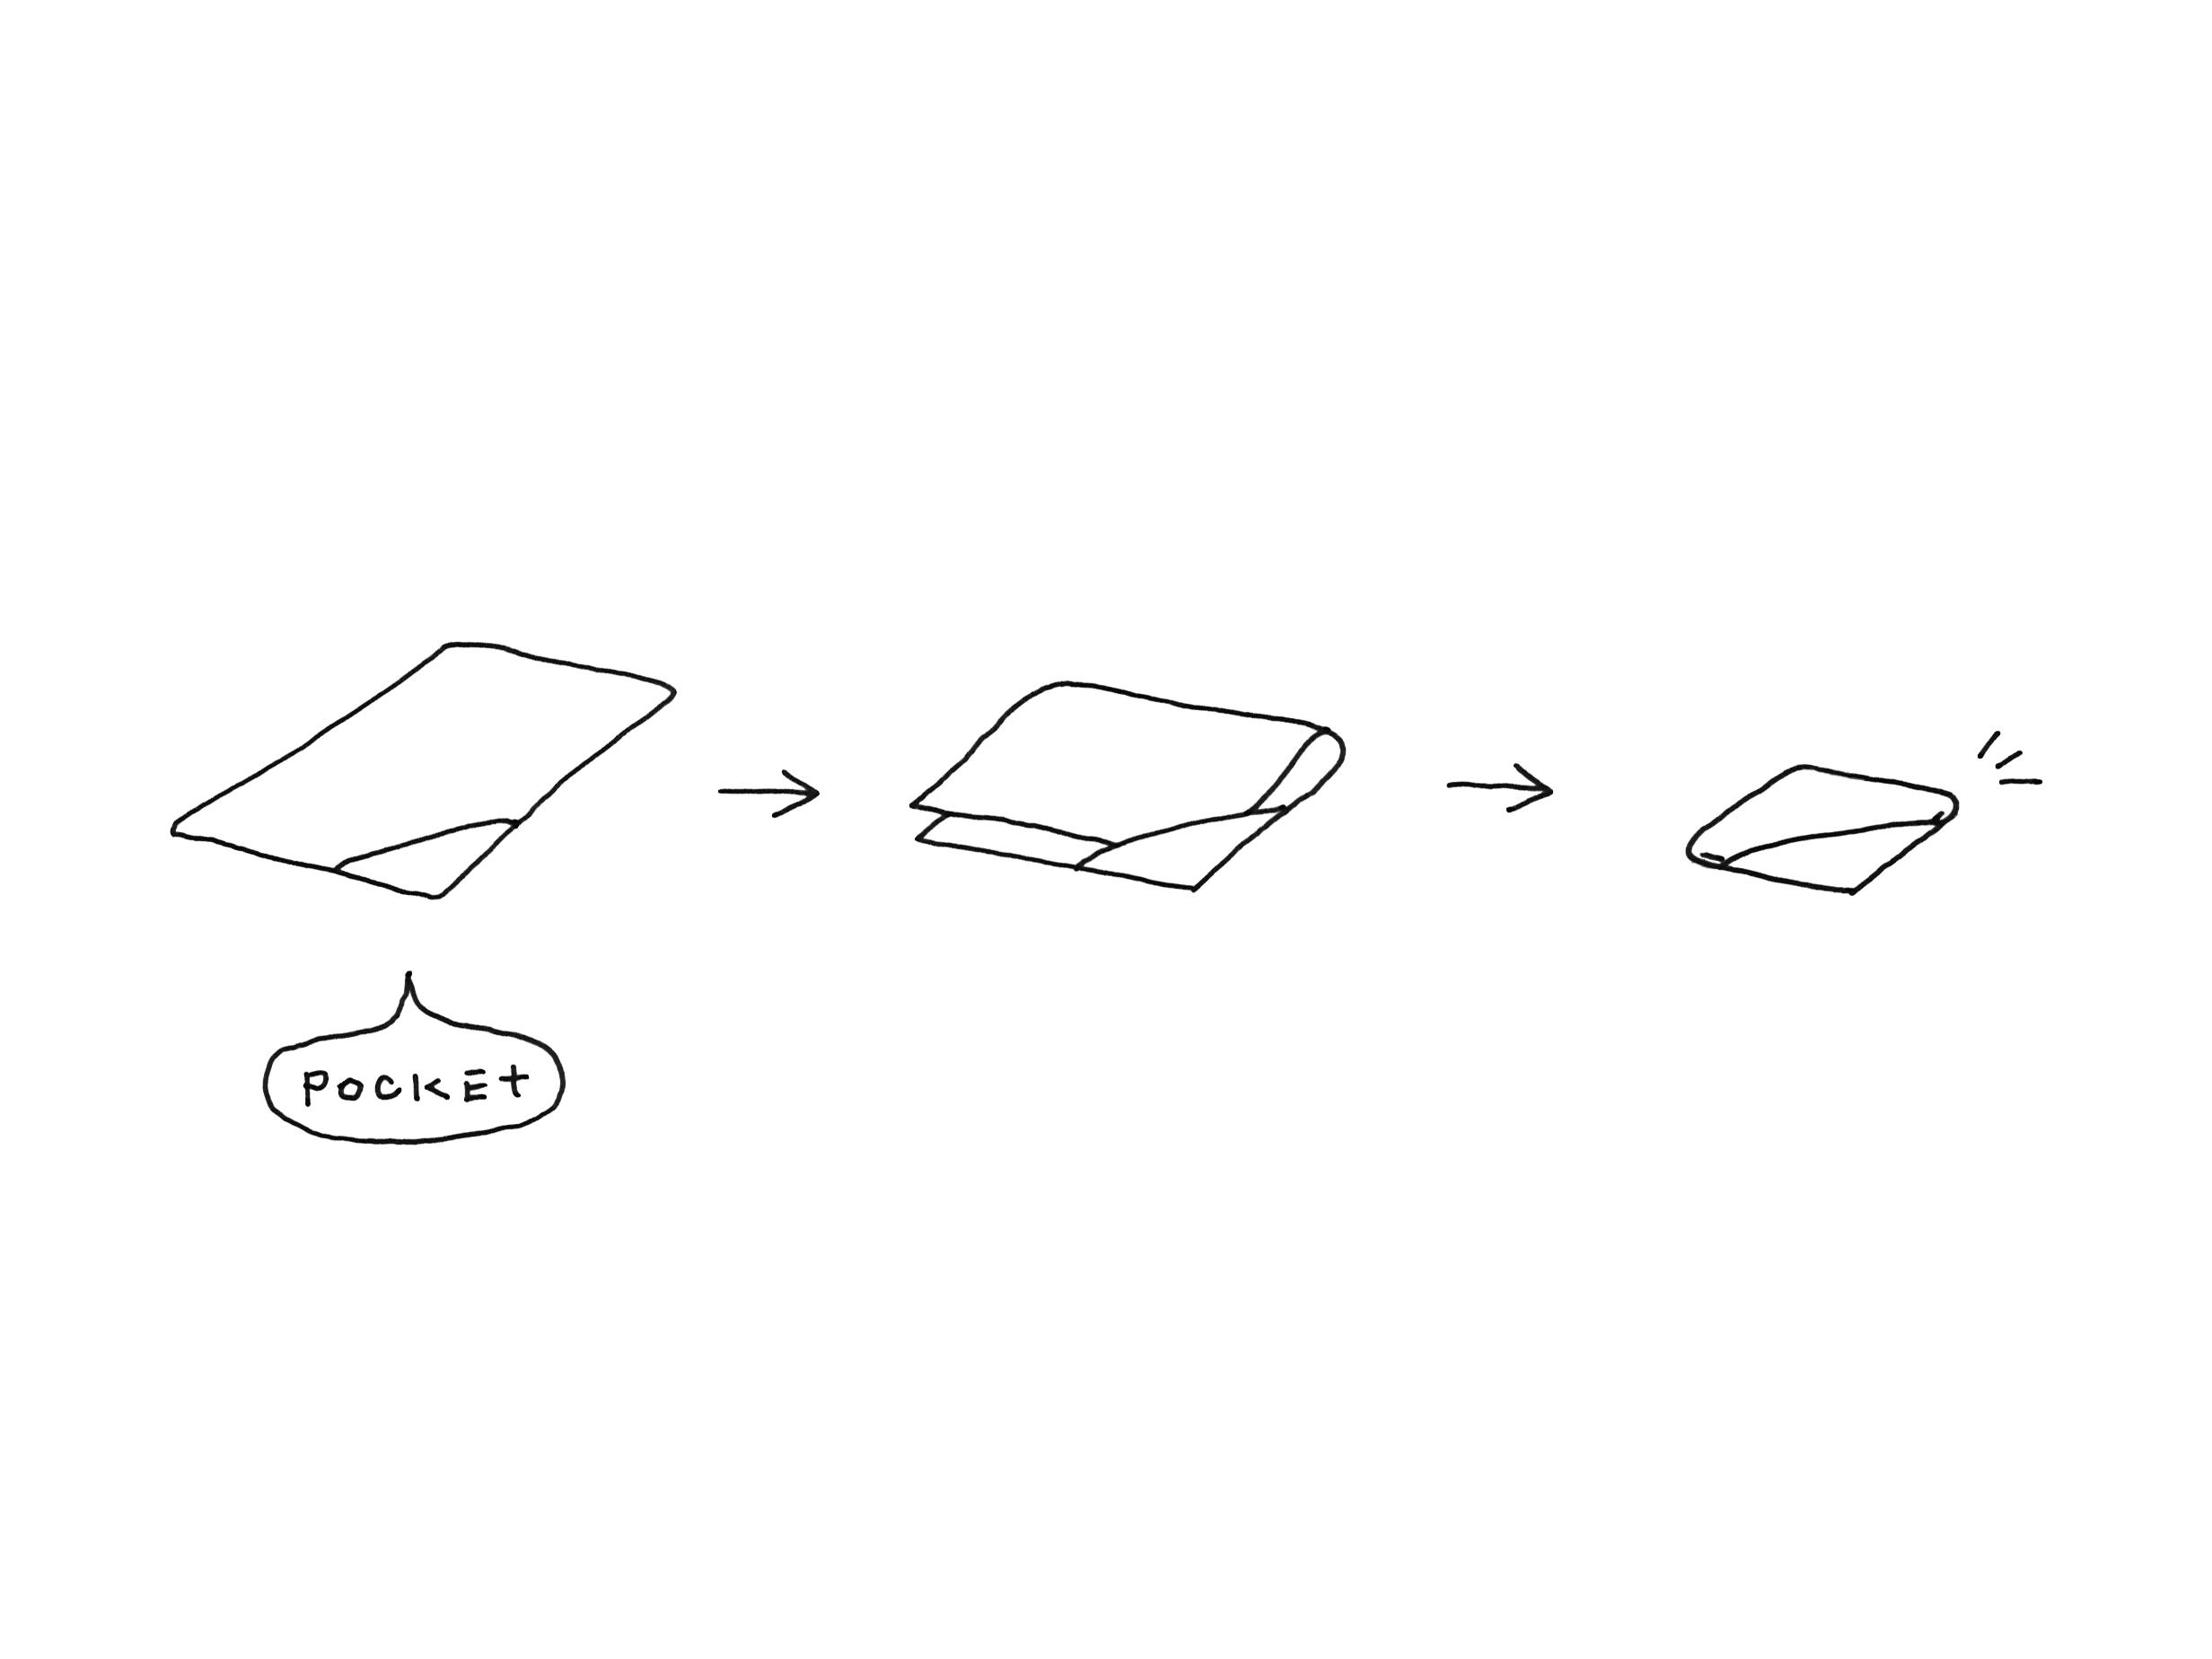 towel-tab_sketch